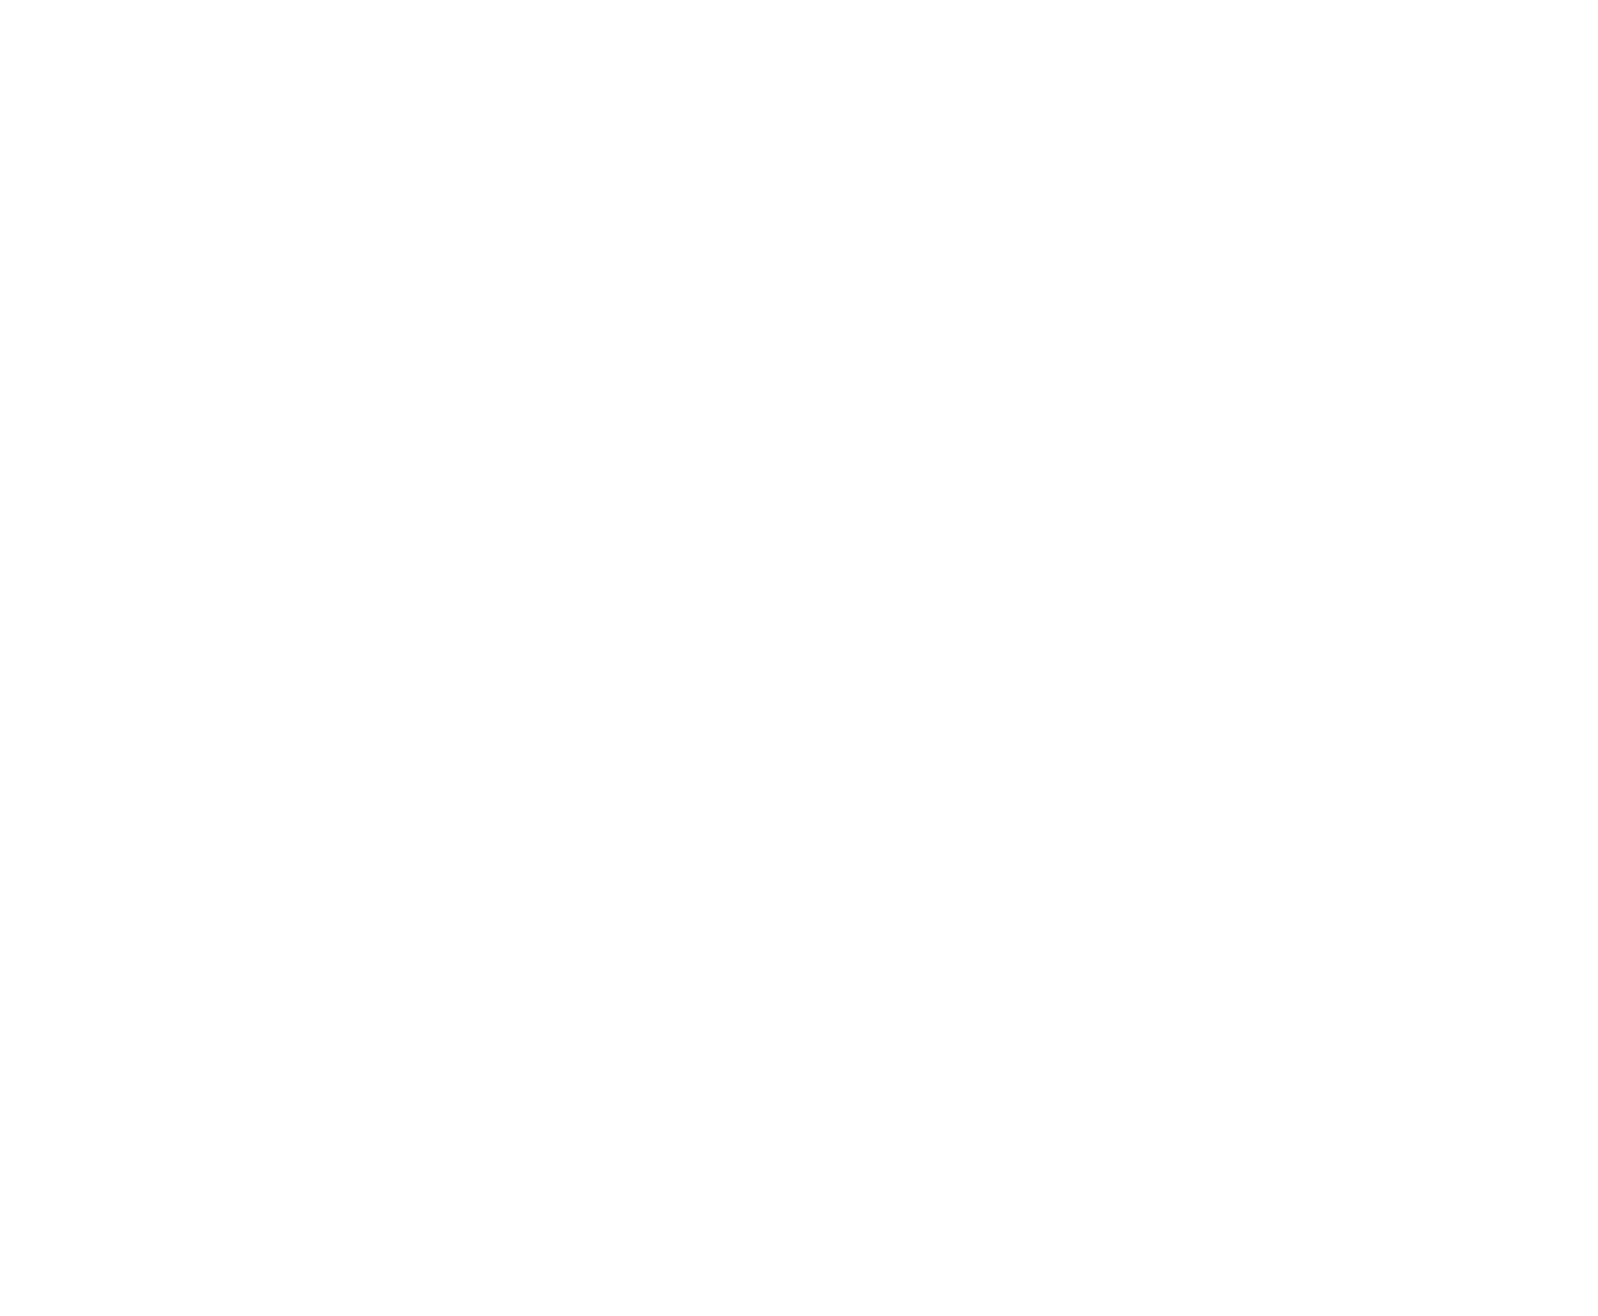 yangbhutan.com